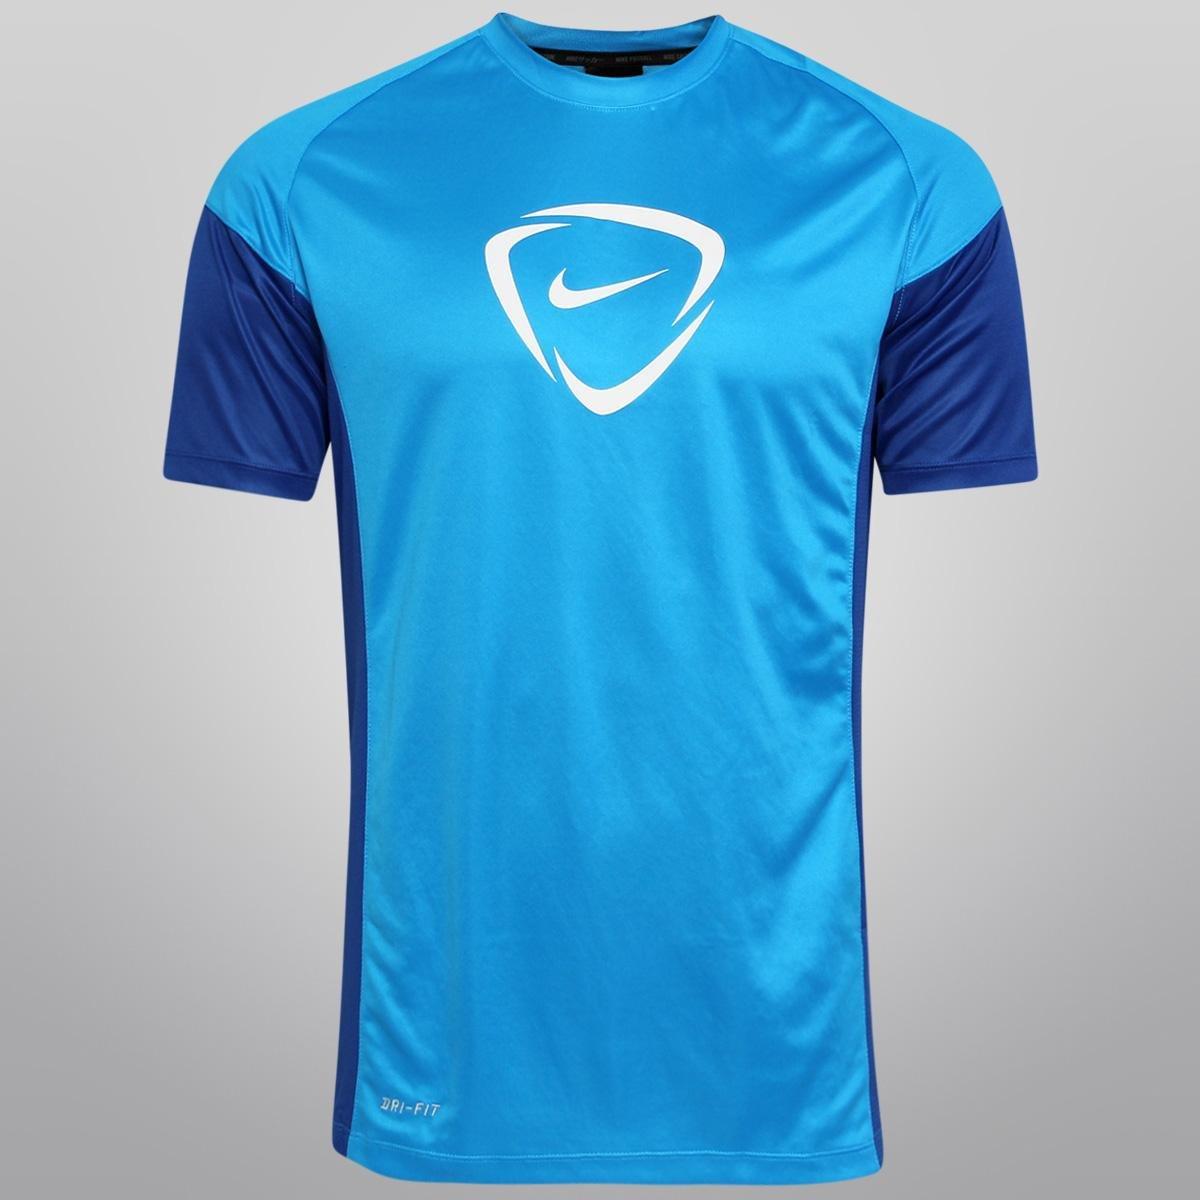 Camisa Nike Academy Training Top - Compre Agora  100b2fe2d0cbb